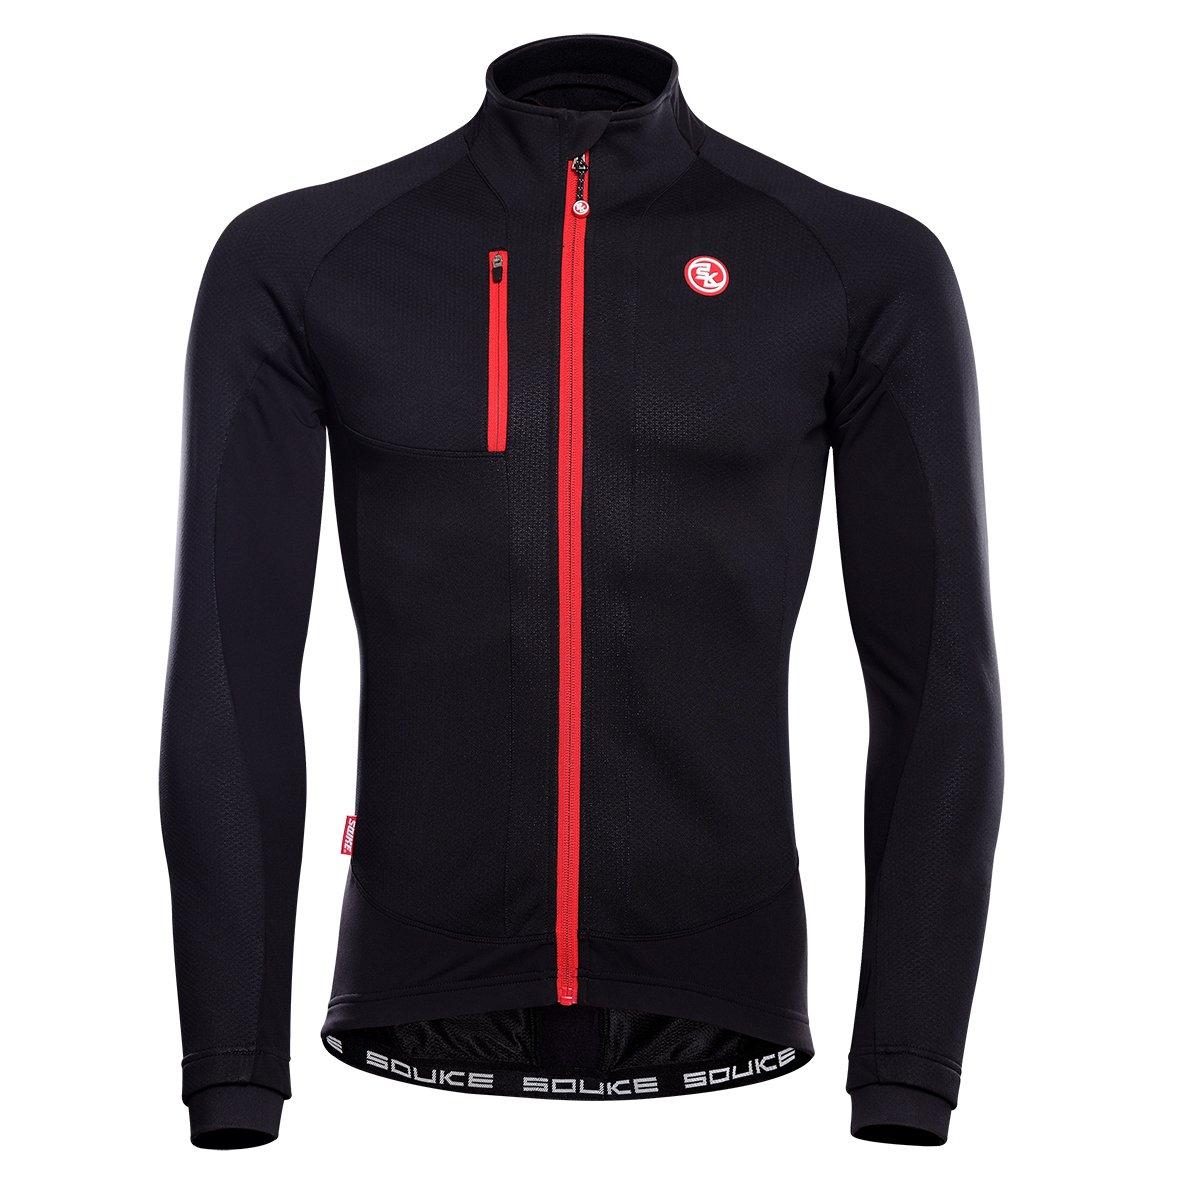 eco-daily冬メンズ熱サイクリングジャケット防風防水Ourdoor服スポーツウェア B0769G7X79  ブラック XL